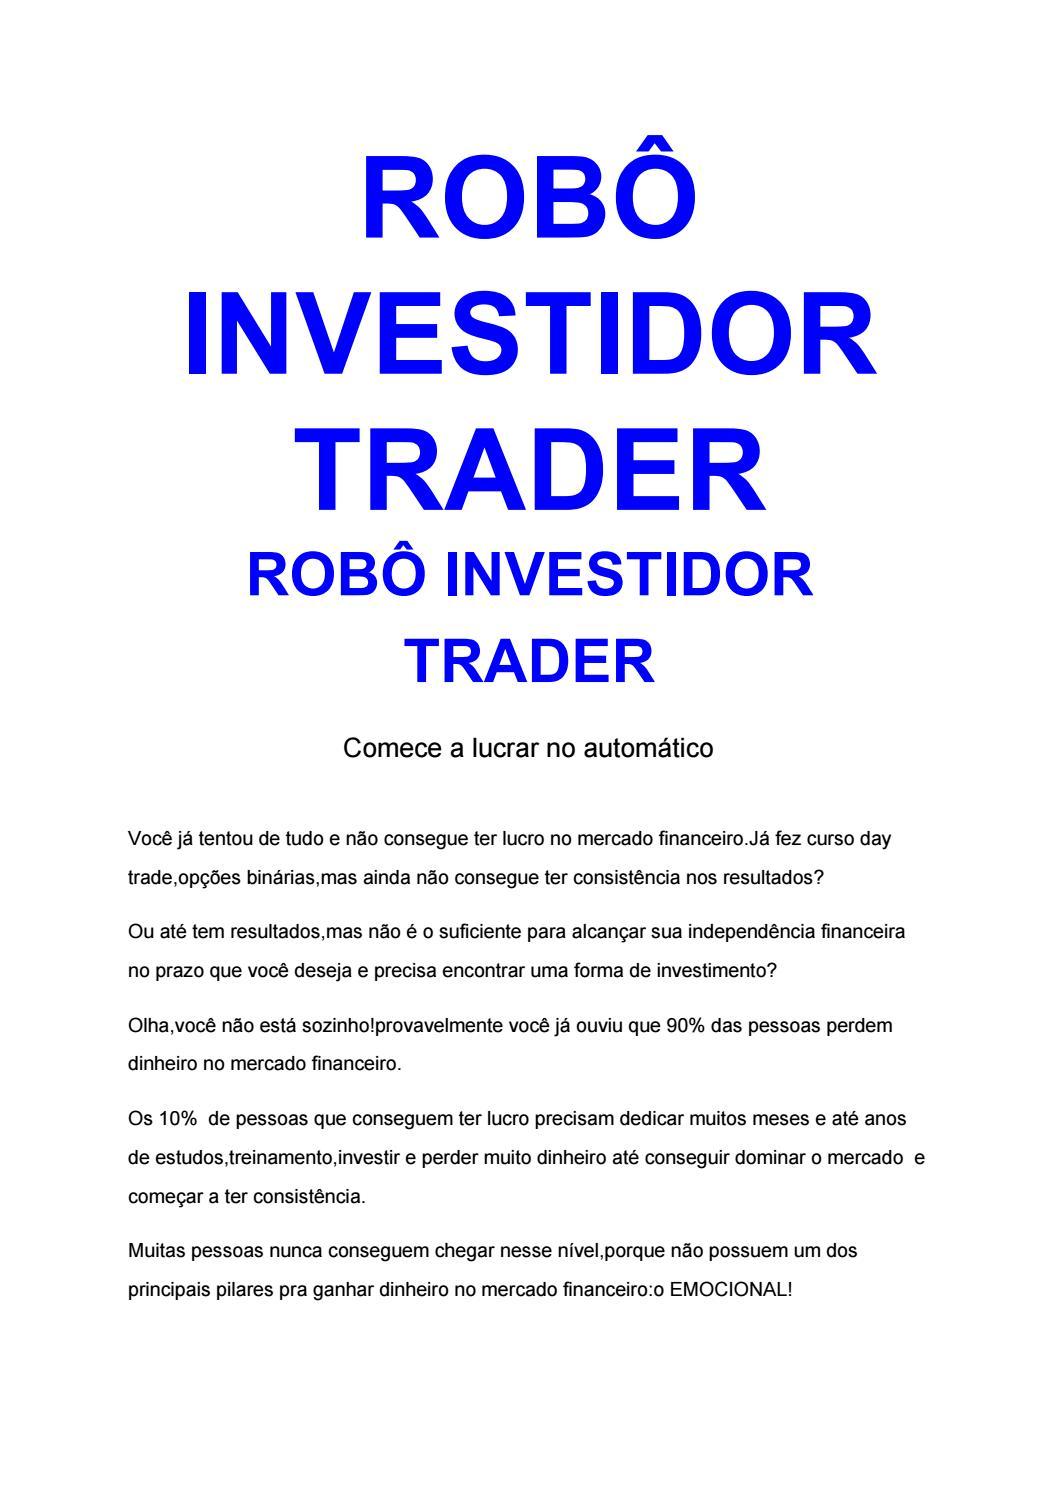 day trade com robo